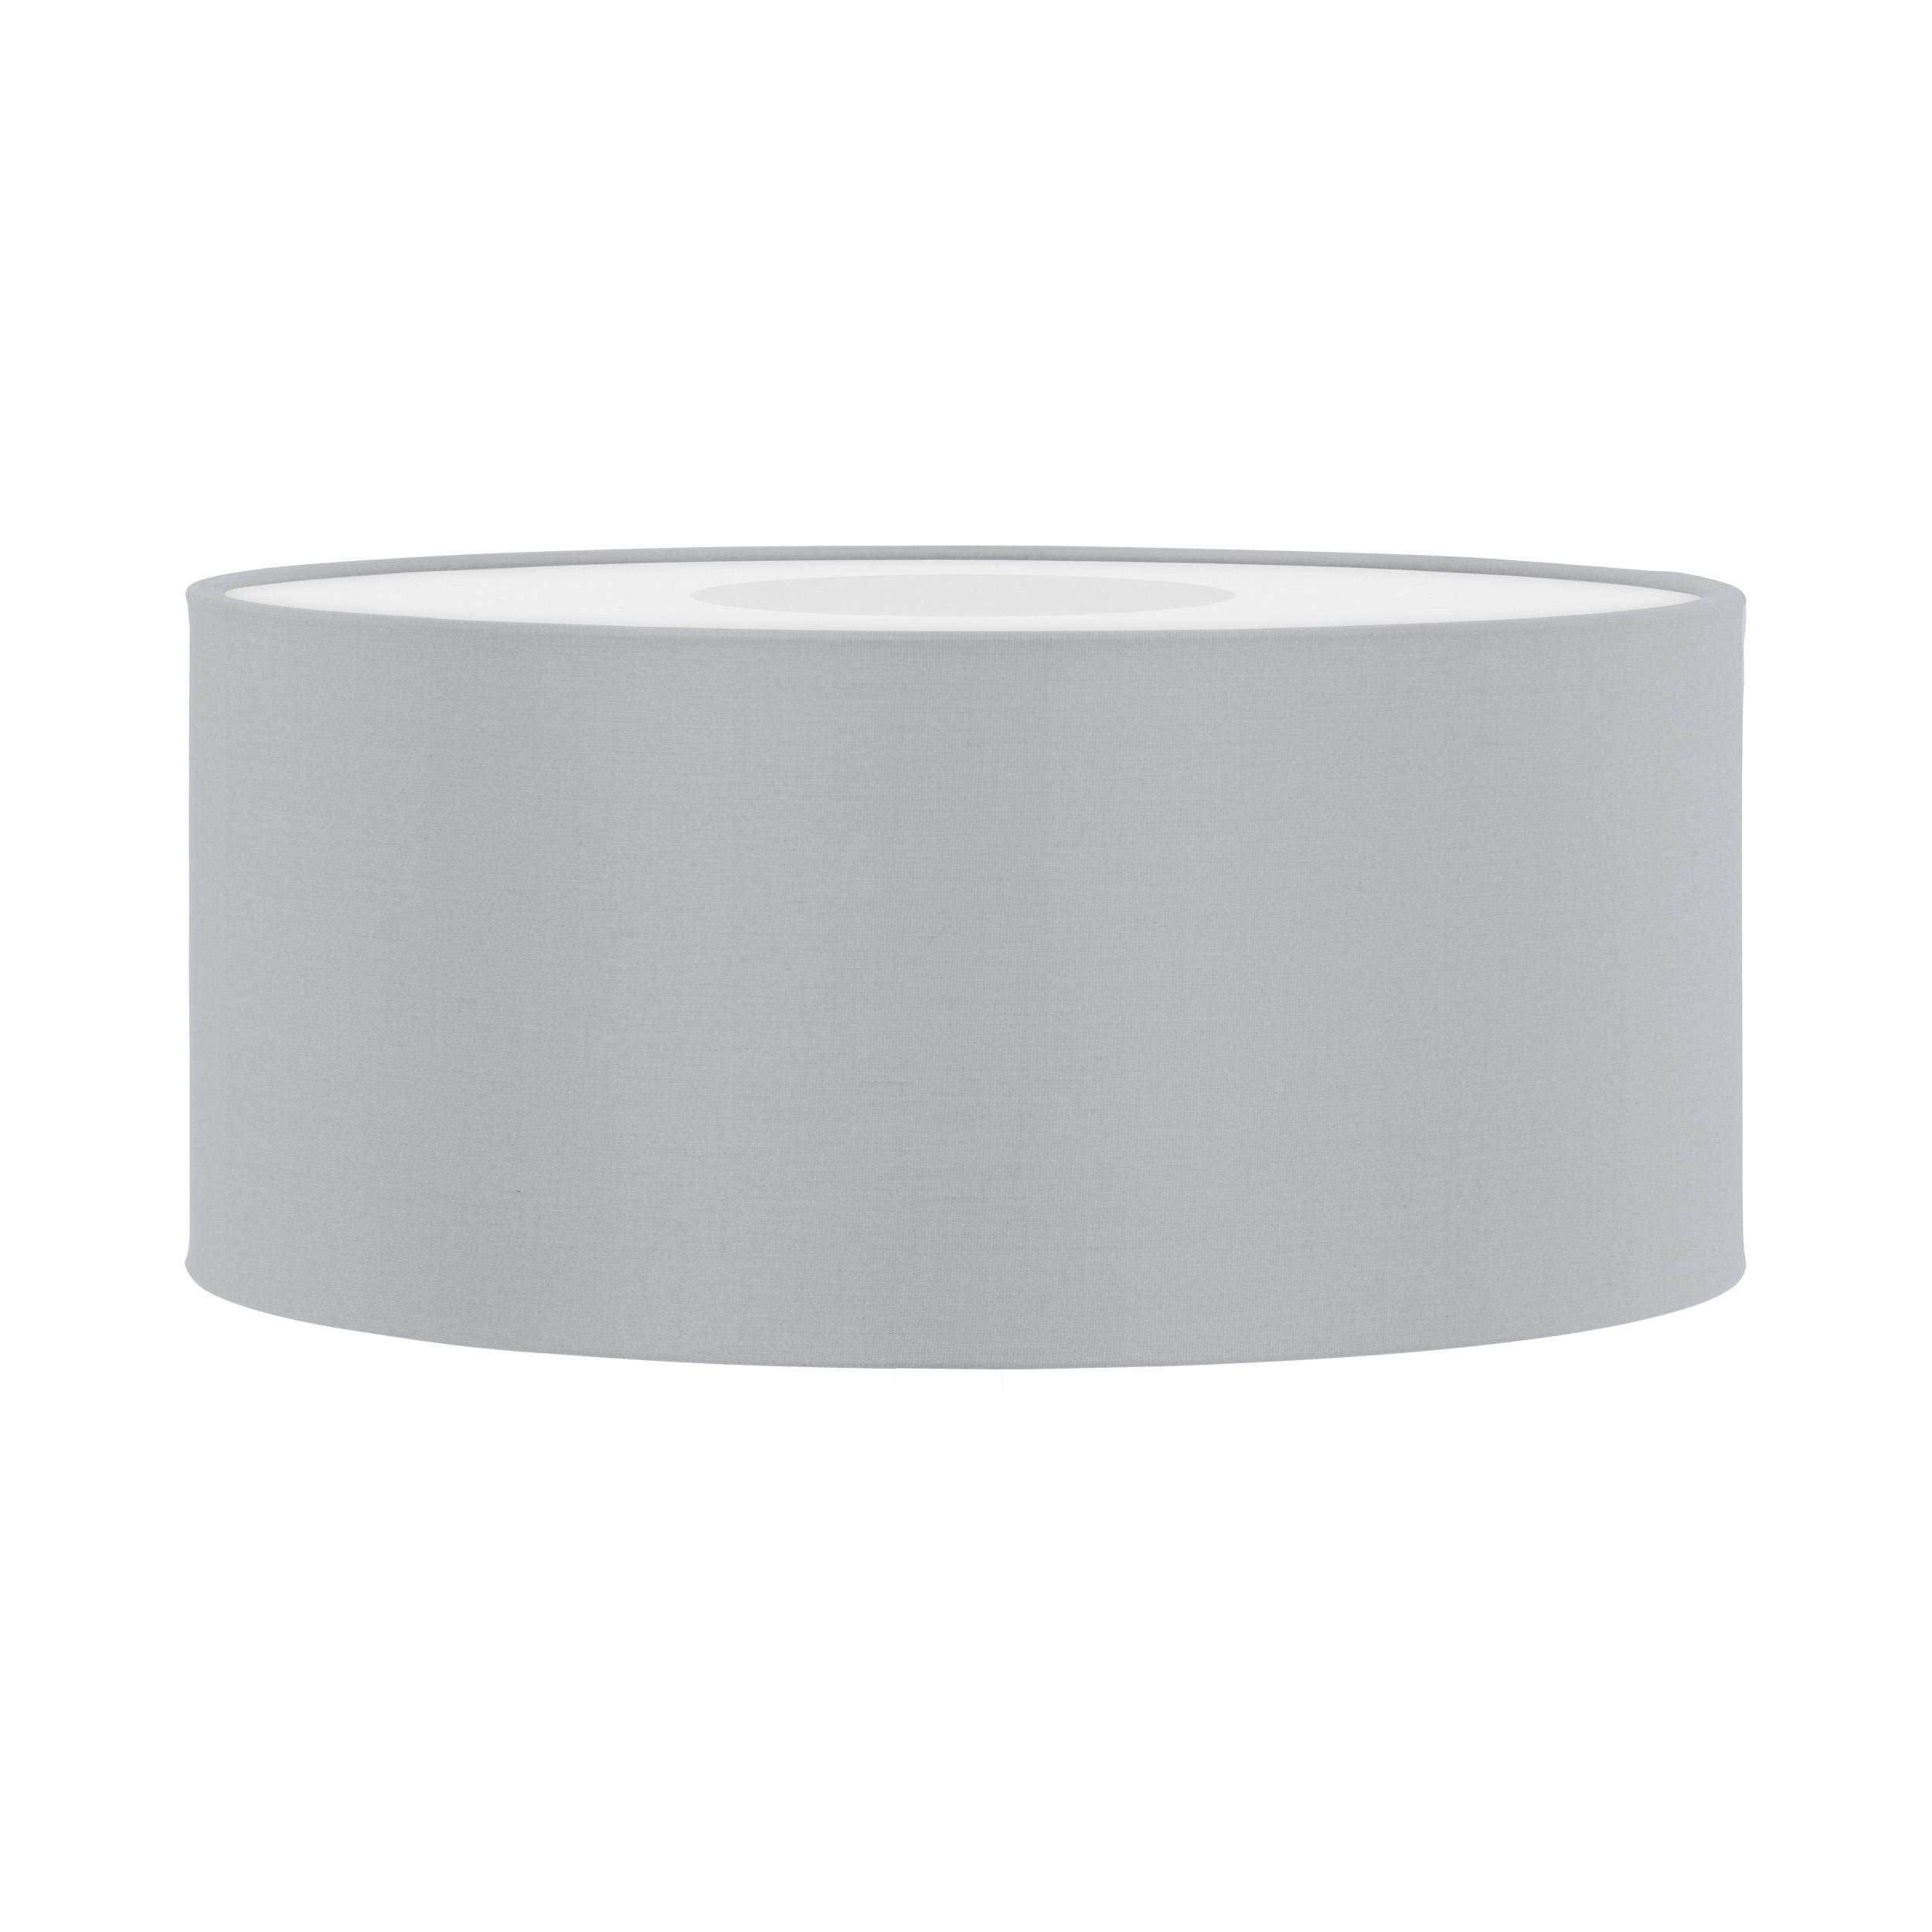 1 Stk Schirm Pasteri Pro inkl. Diffuser grau/weiß  LI62701---